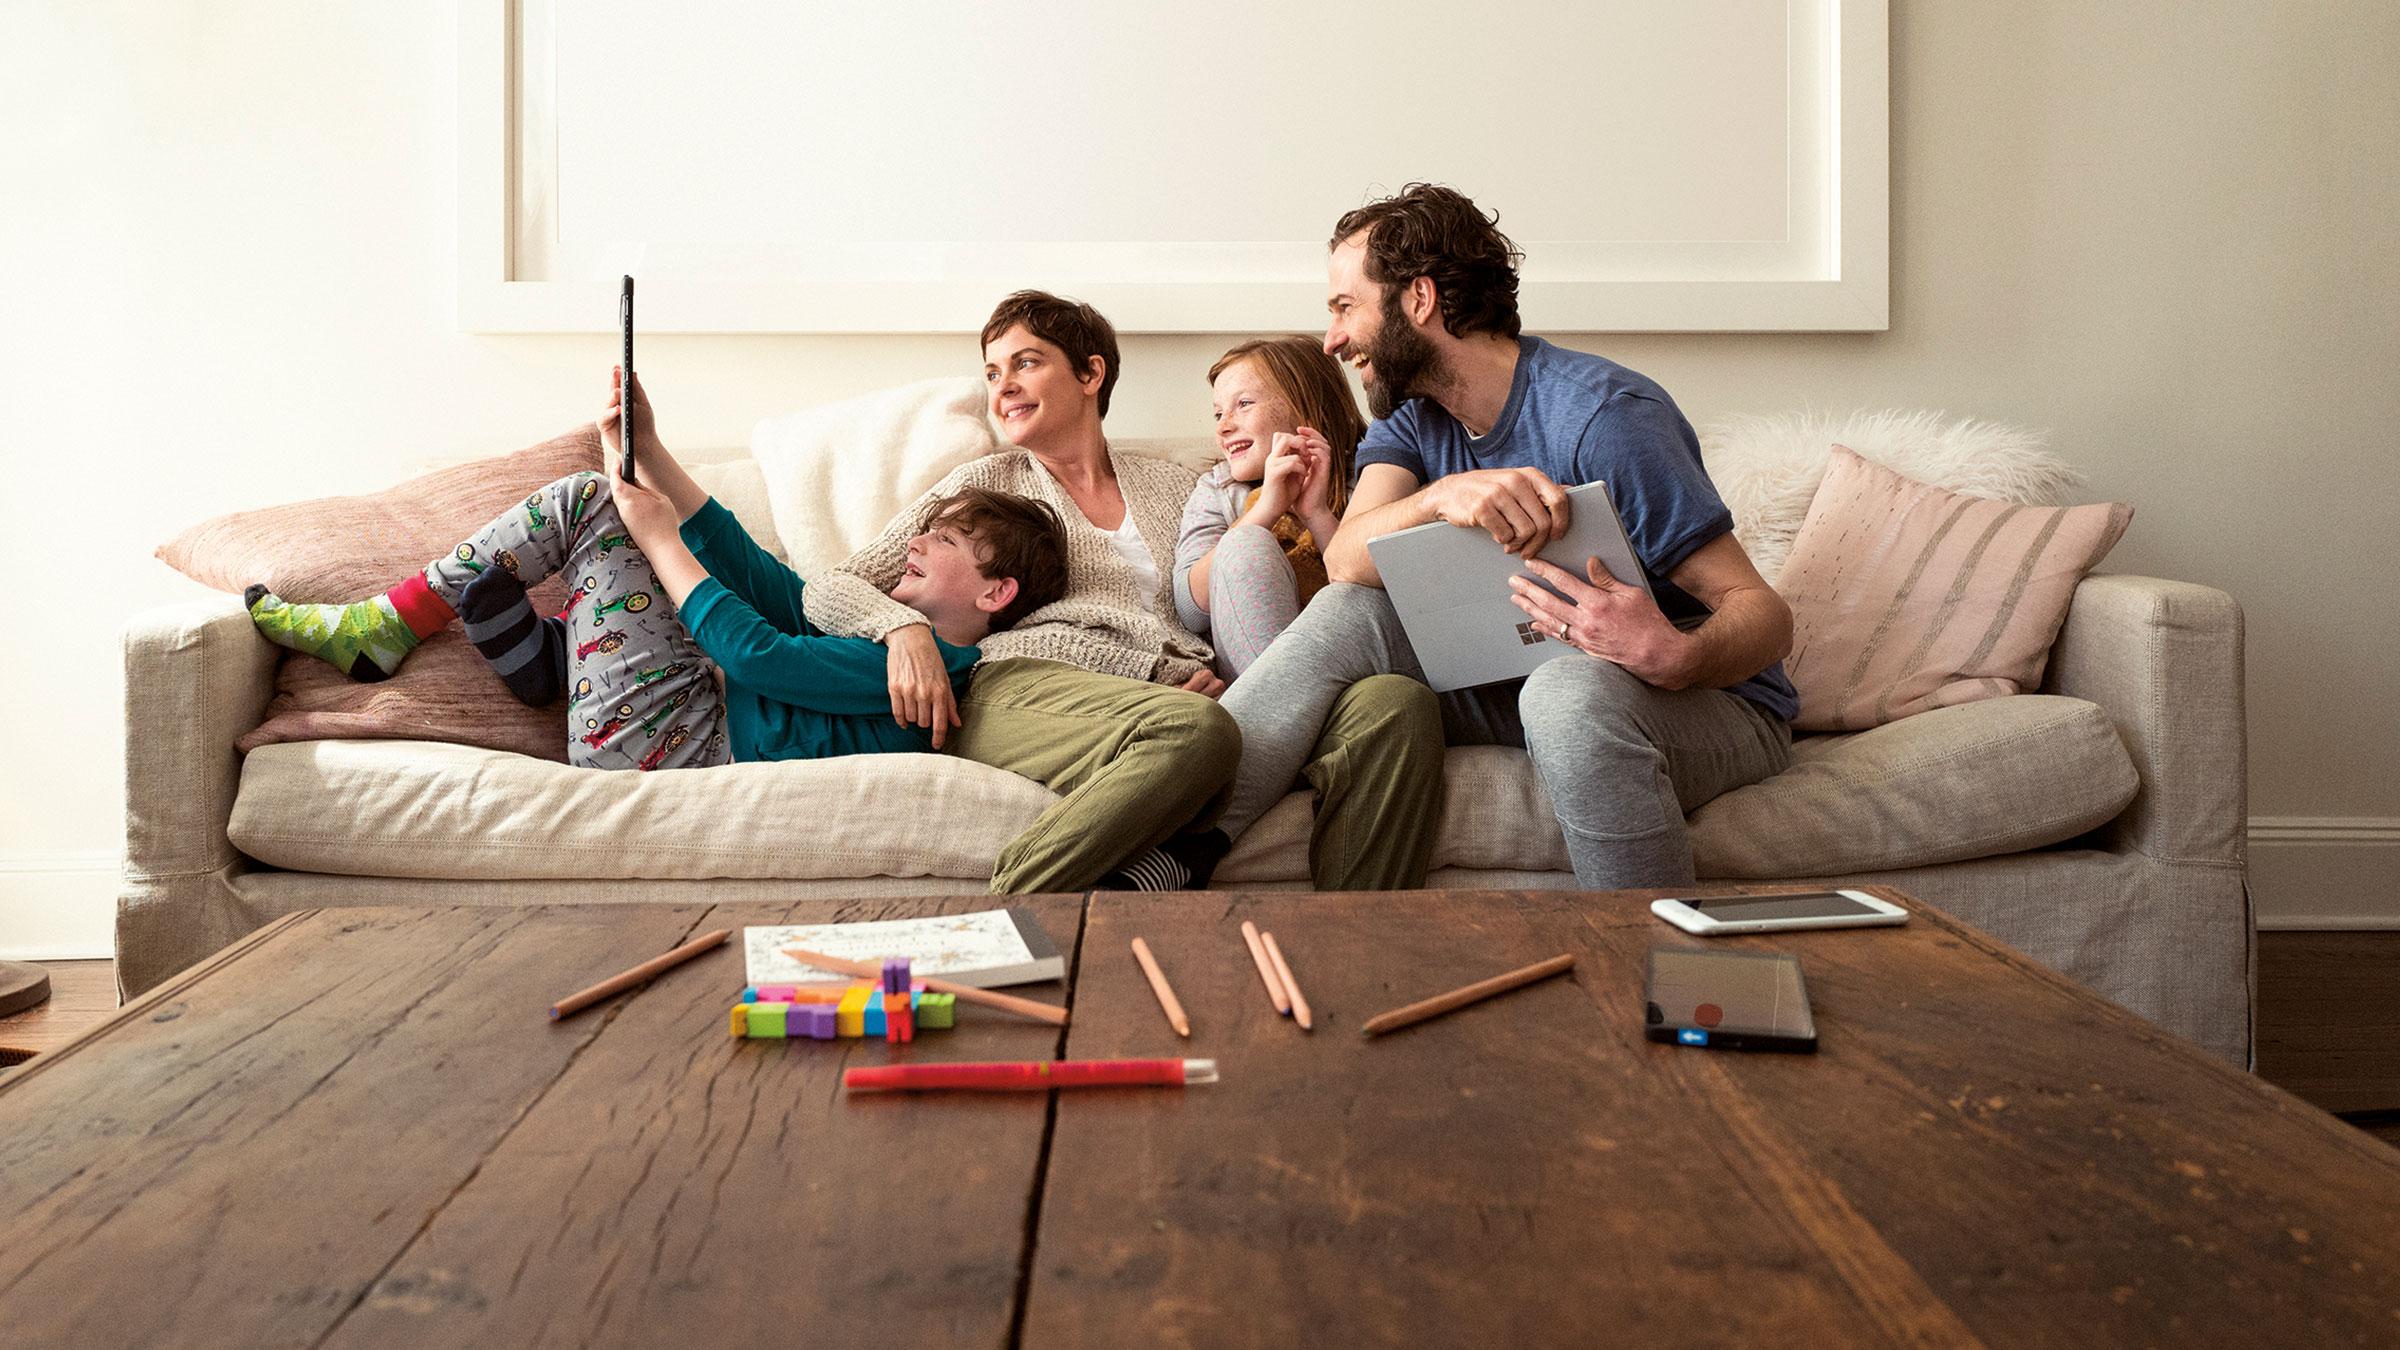 Obitelj na kauču gleda uređaj Microsoft Surface Pro